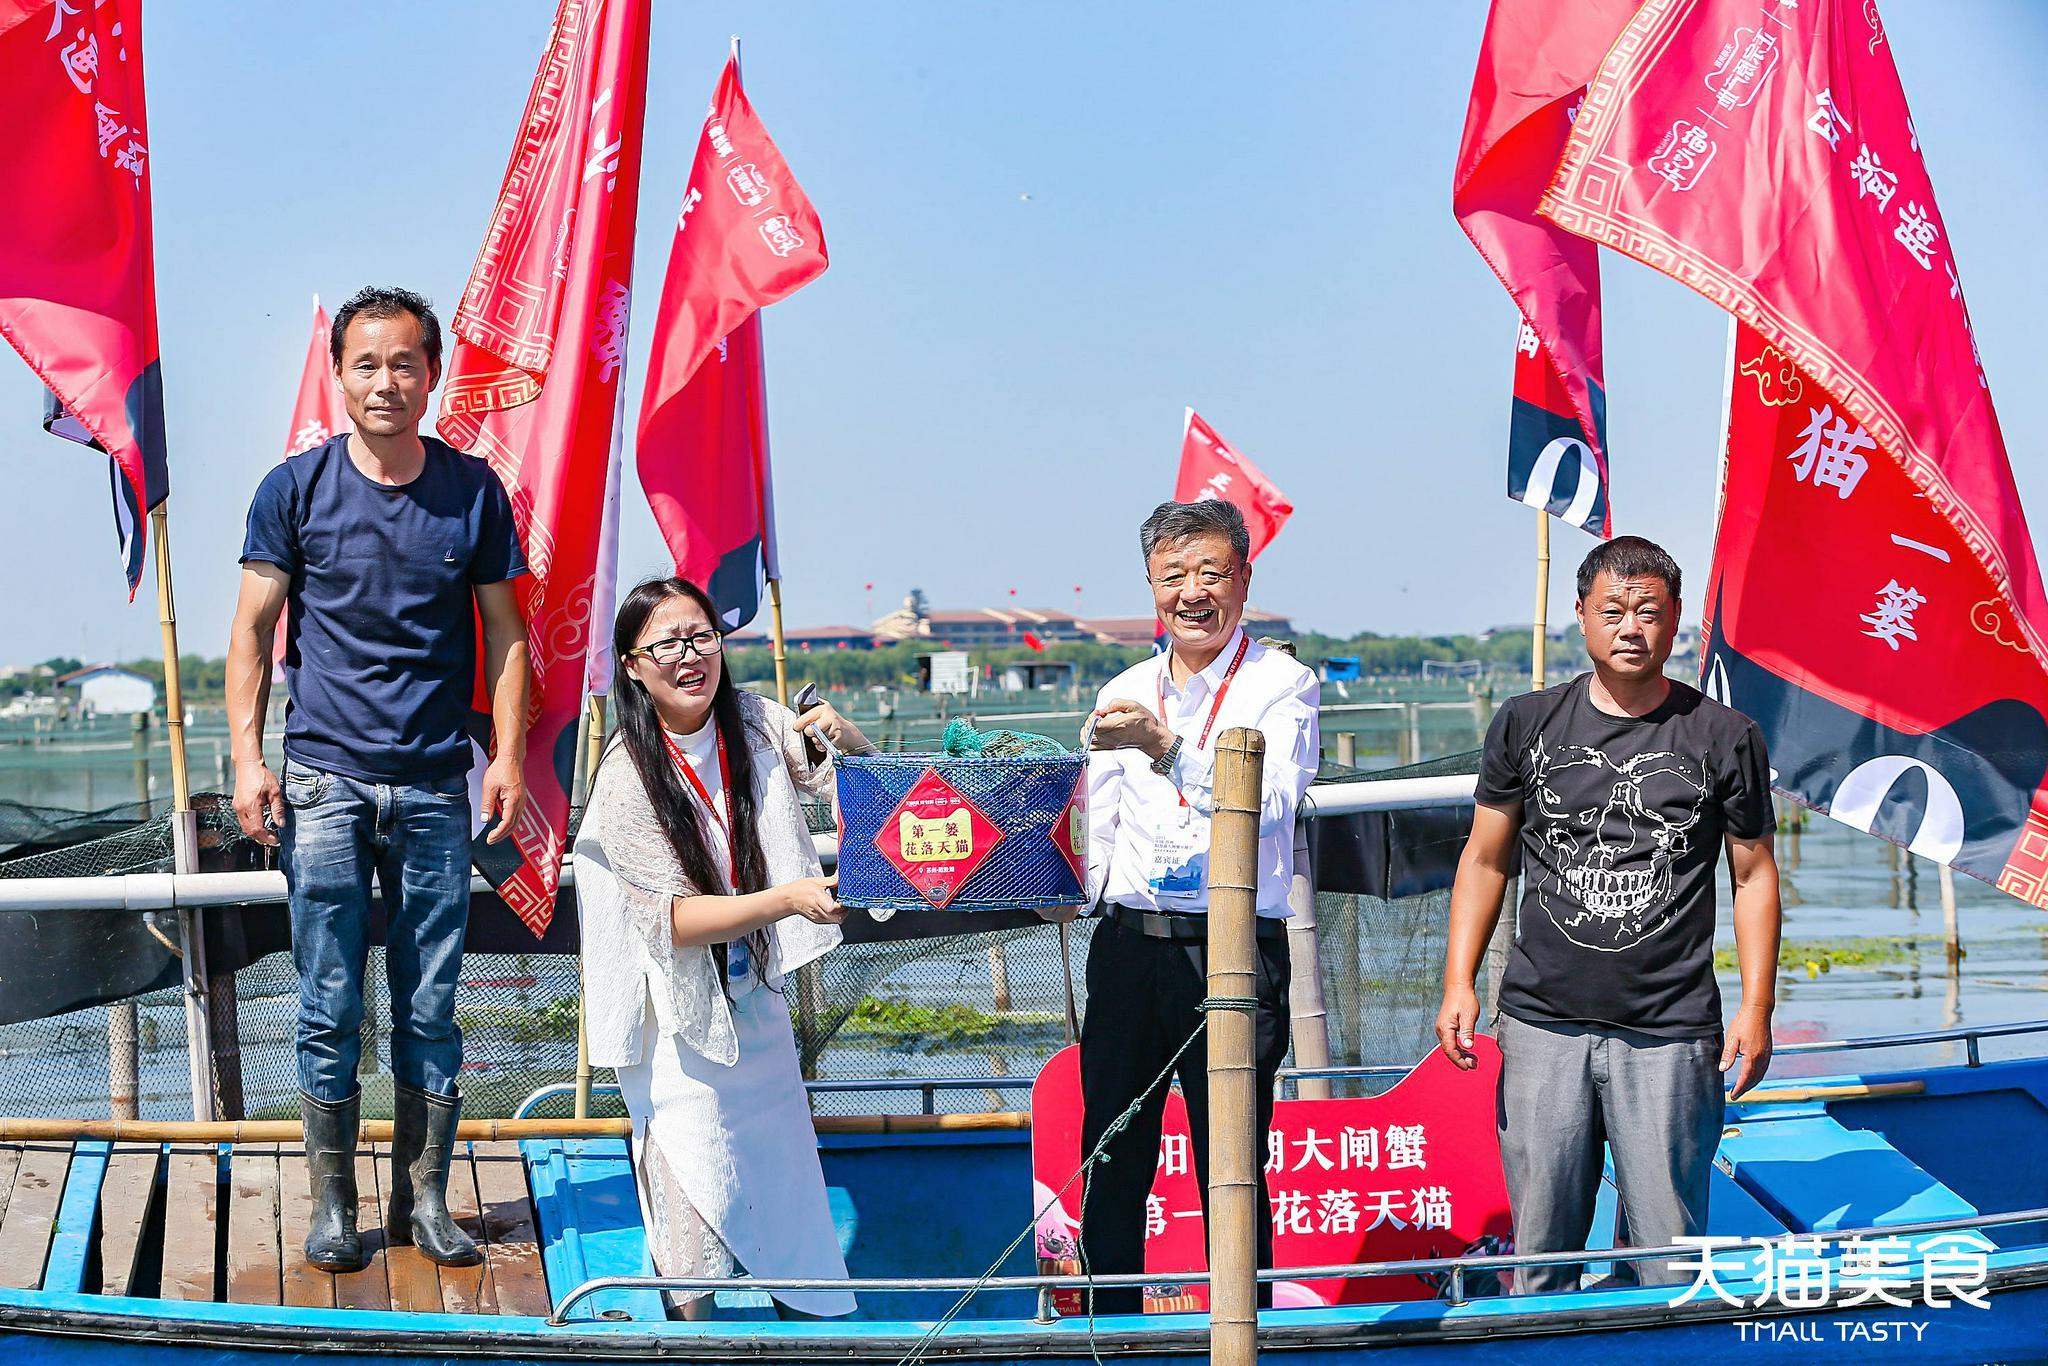 阳澄湖开捕大闸蟹迎报复性消费,天猫活蟹交易量同比增长35%